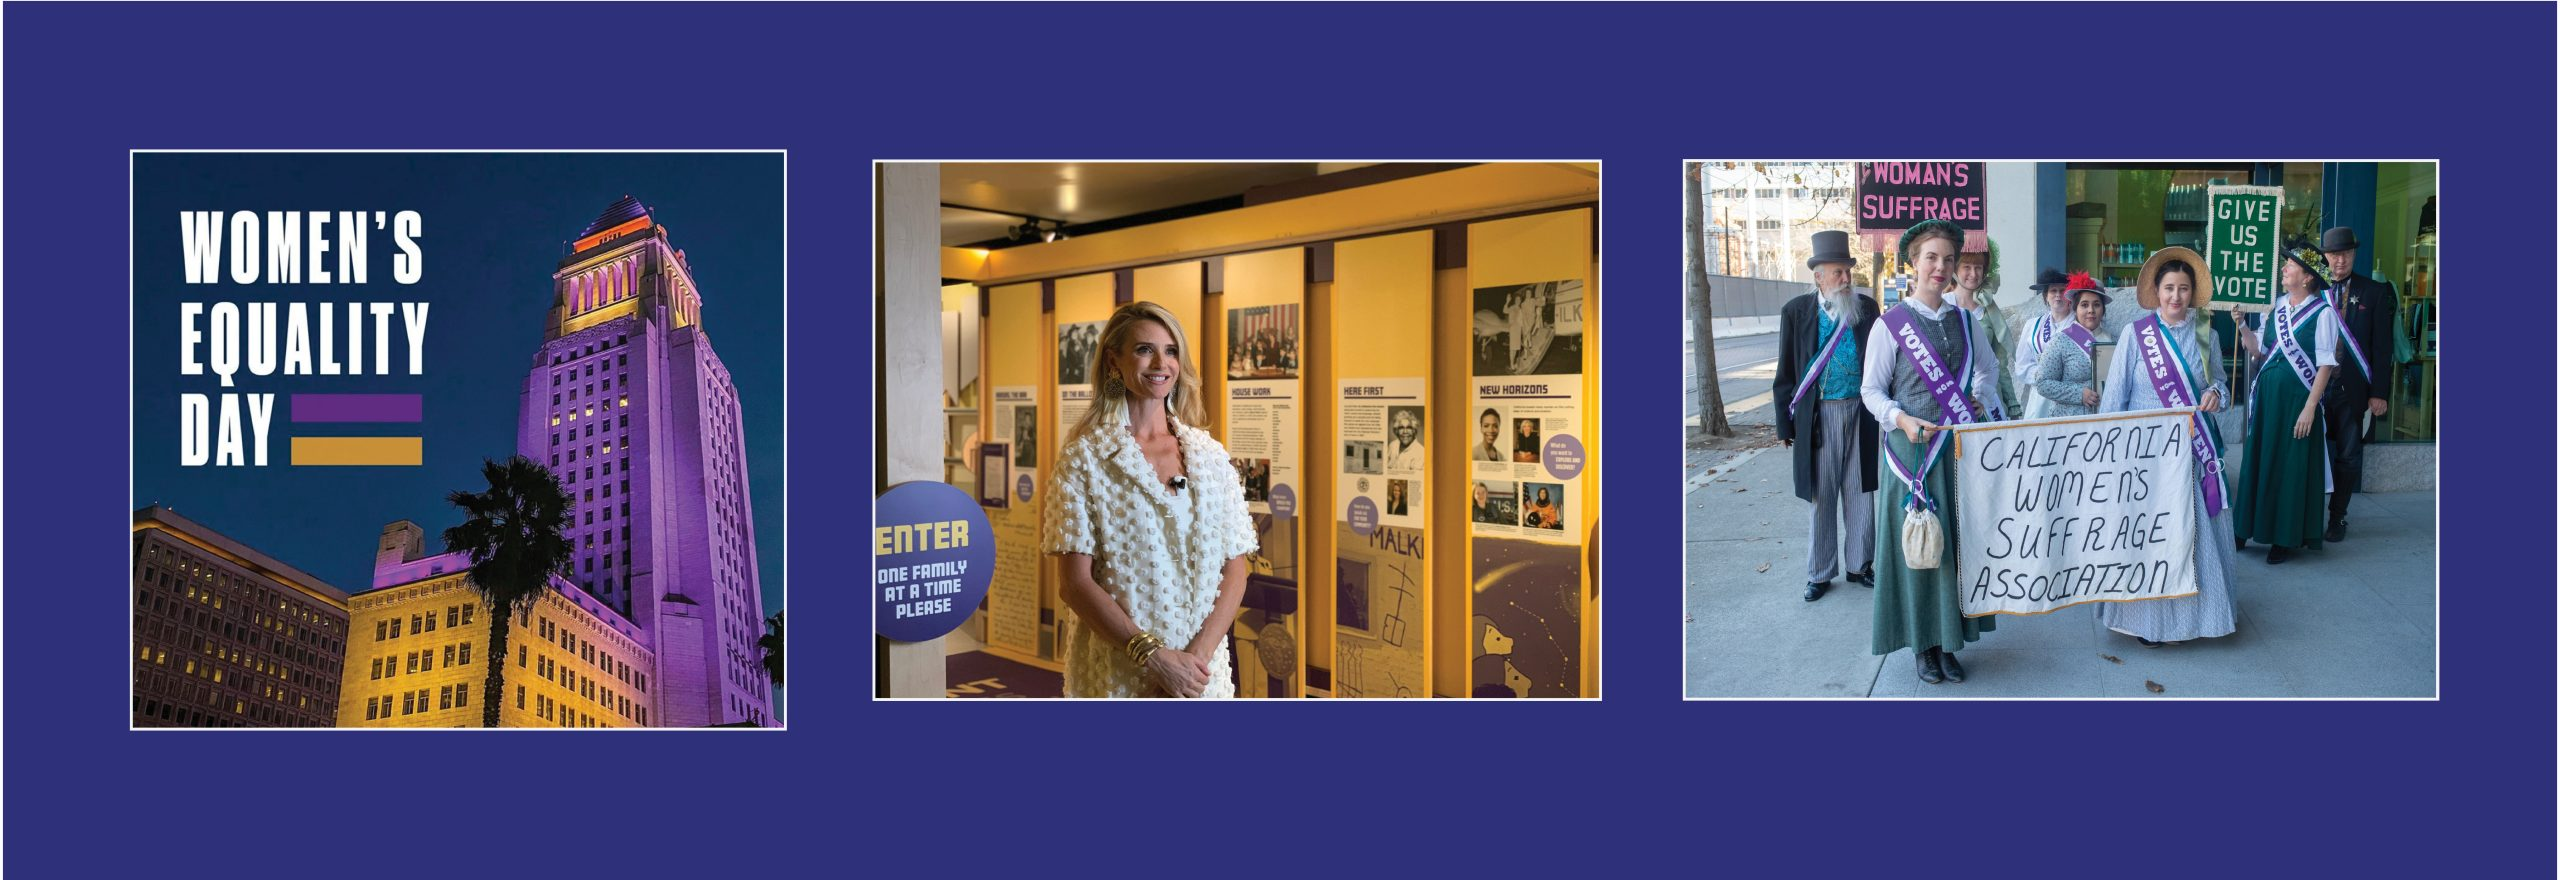 Suffrage Gallery Slide 5.